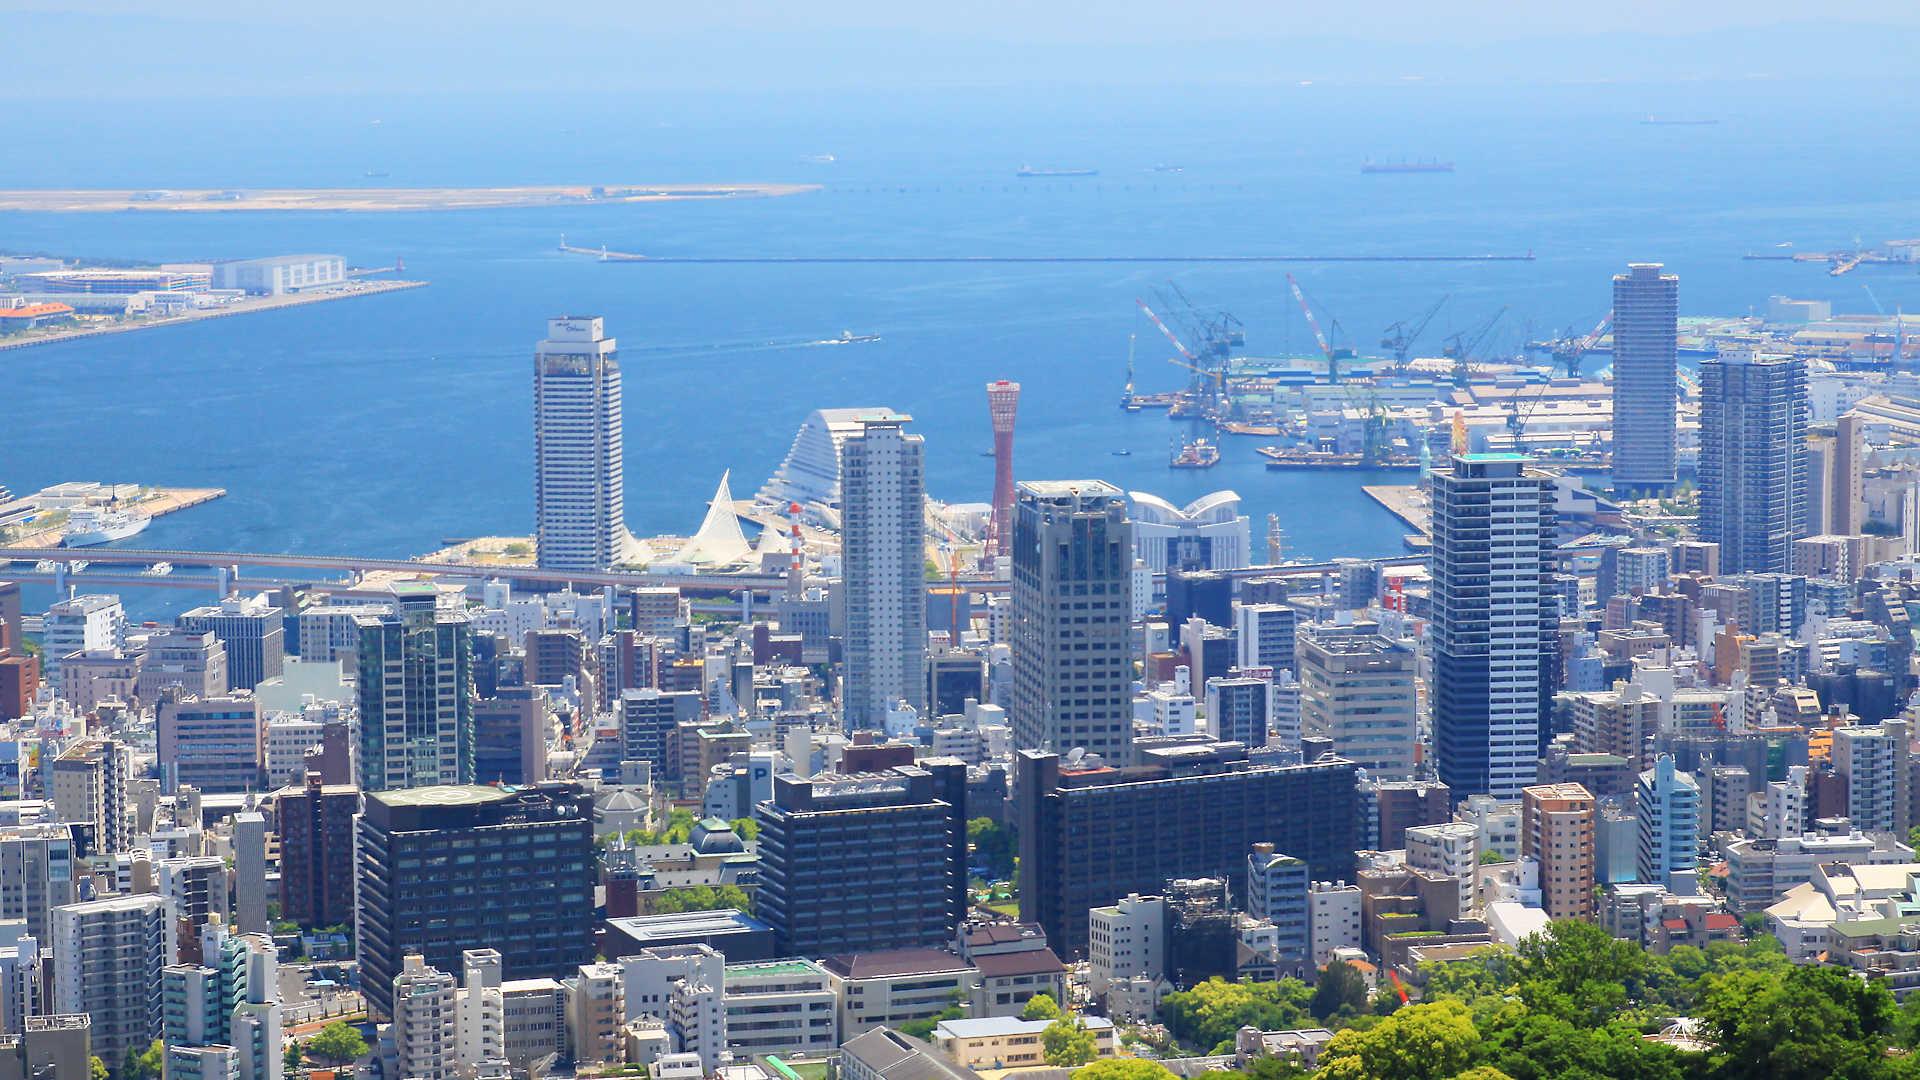 神戸ポートタワーの写真 フルhd壁紙 1920x1080